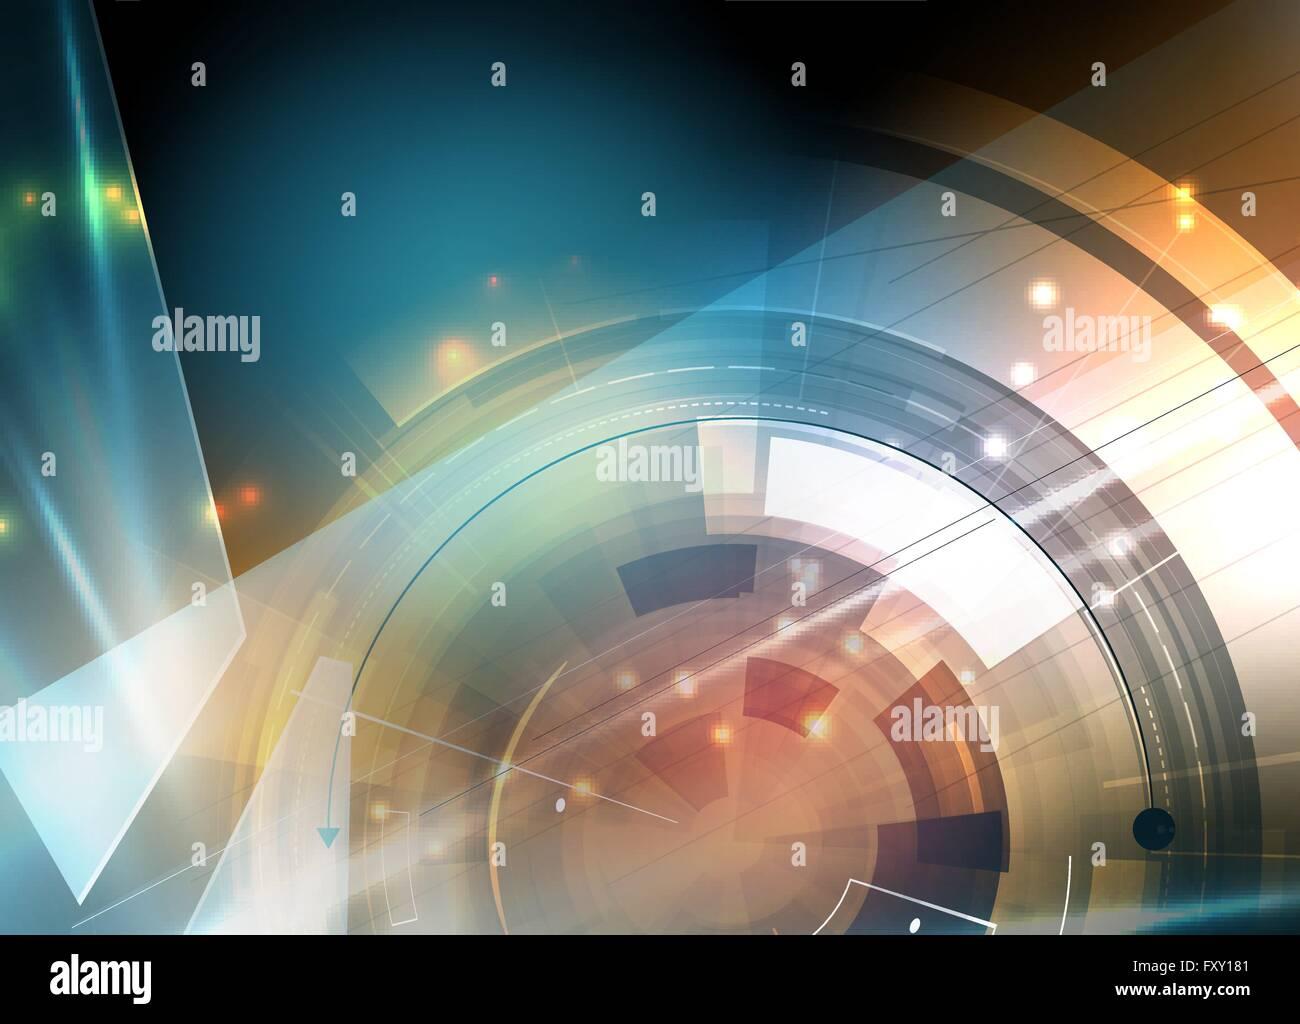 Scientific, la tecnologia del futuro. Per la presentazione del business. Flyer, Poster concetto vettoriale sfondo Immagini Stock